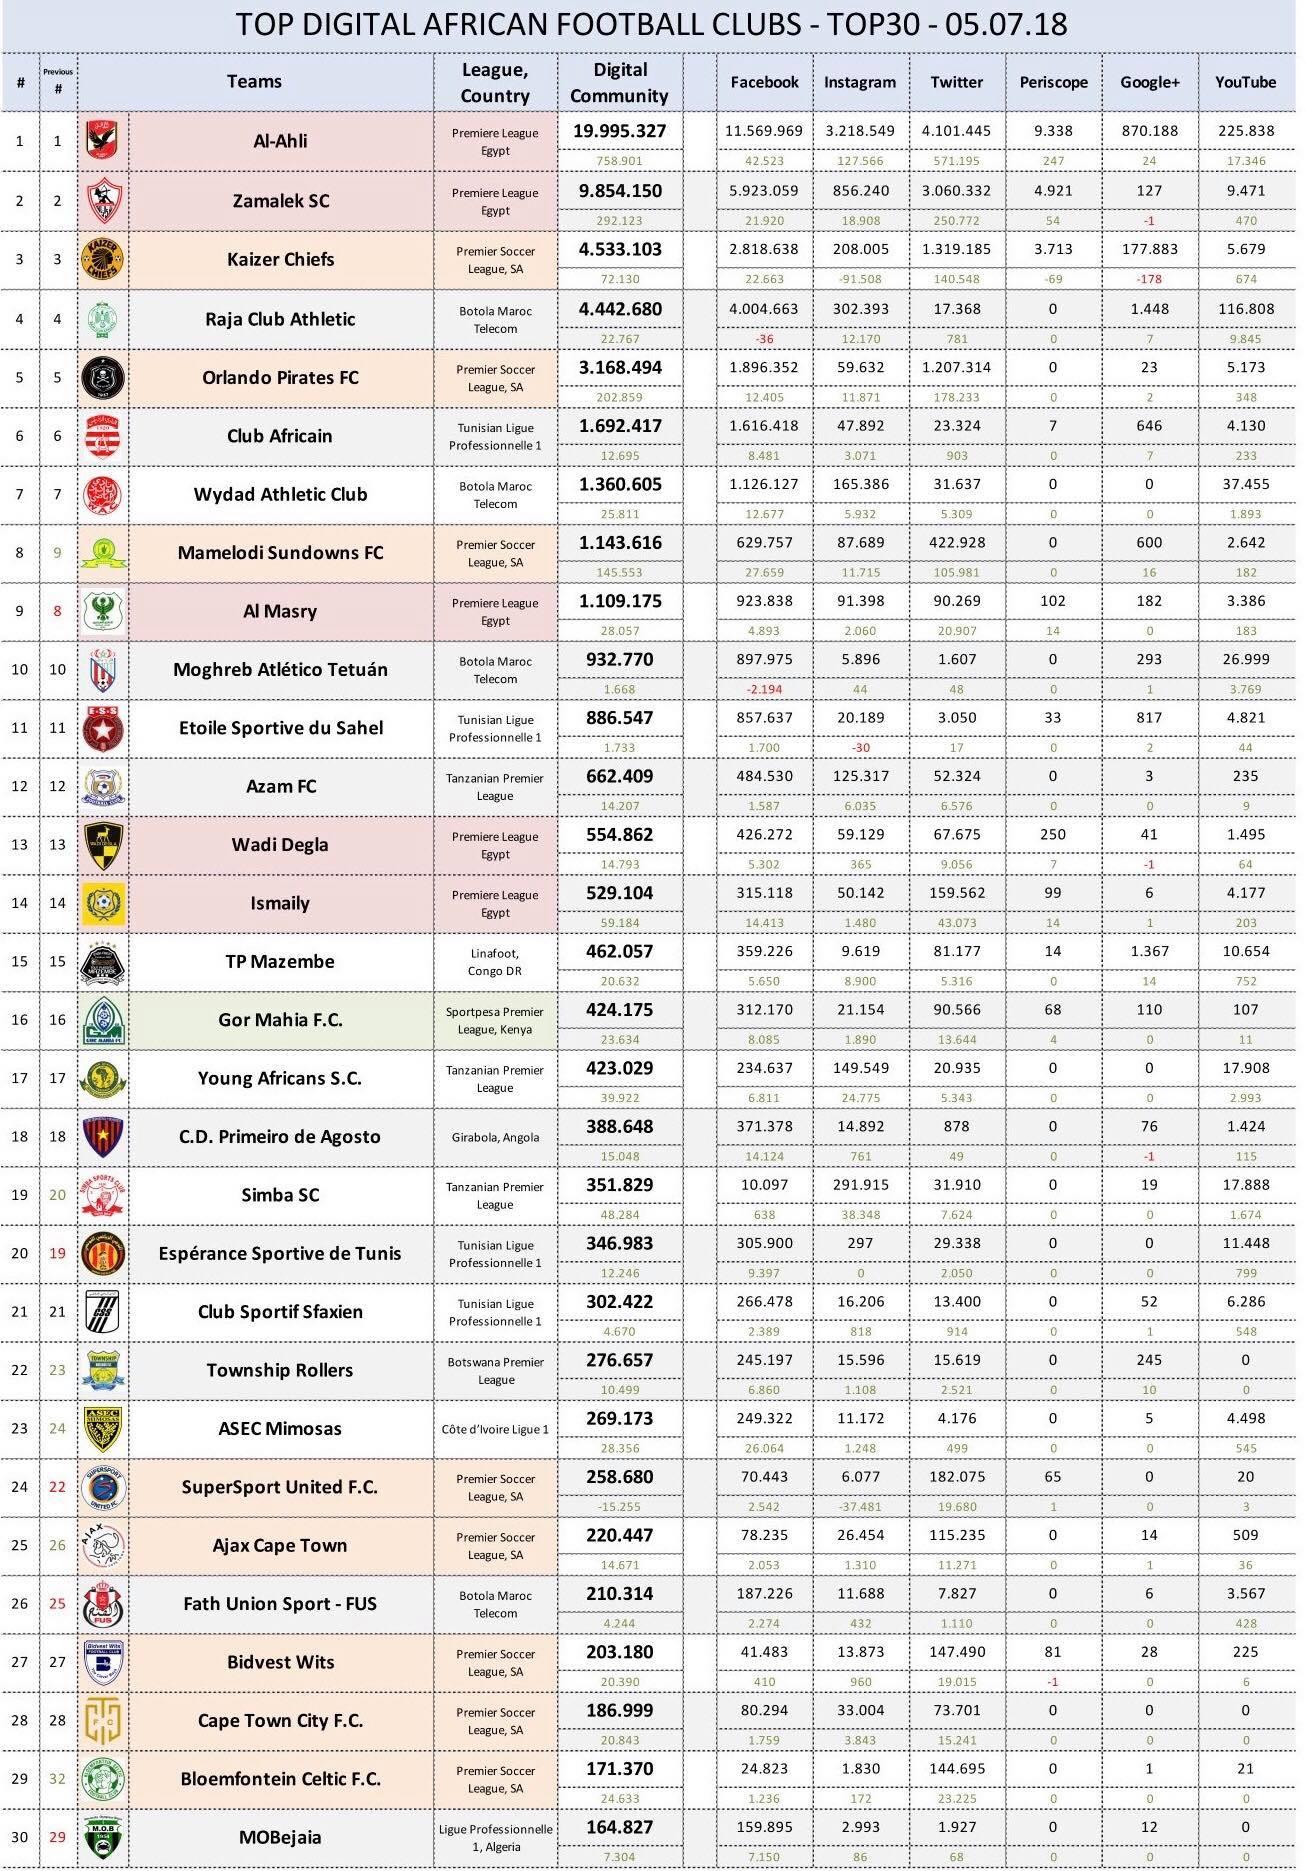 Calendrier Championnat Tunisien.Coaching Foot Top 30 Des Clubs Les Plus Suivis Sur Les